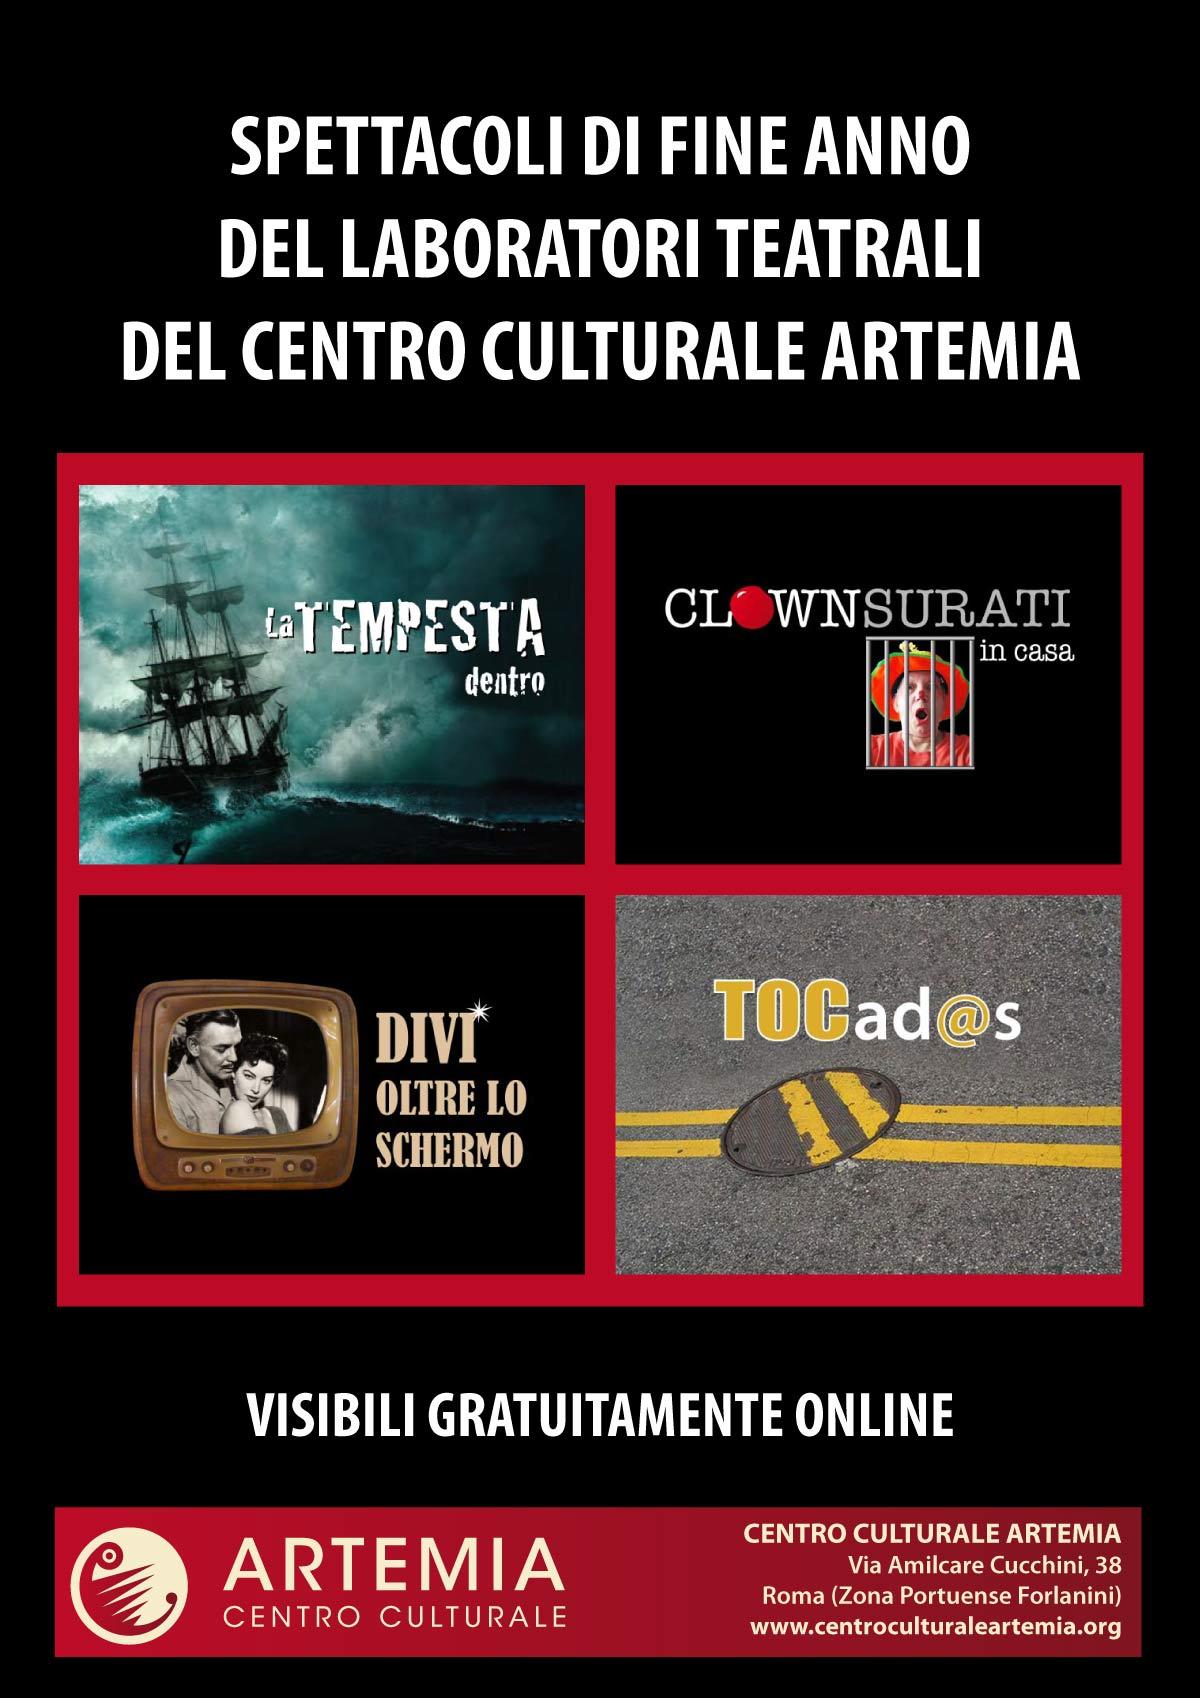 Spettacoli di fine anno dei Laboratori Teatrali del Centro Culturale Artemia